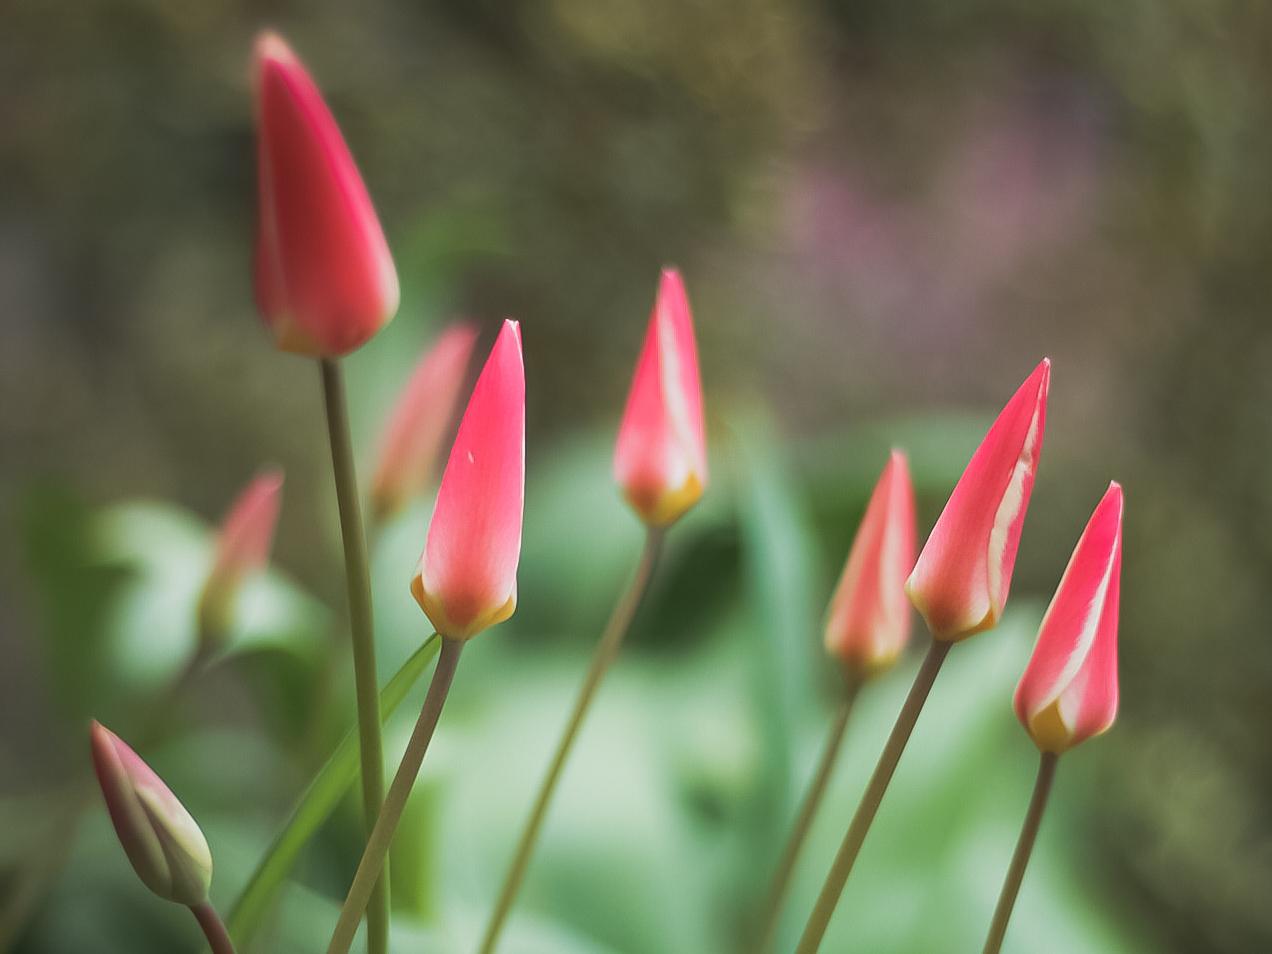 Tulipsinbloom